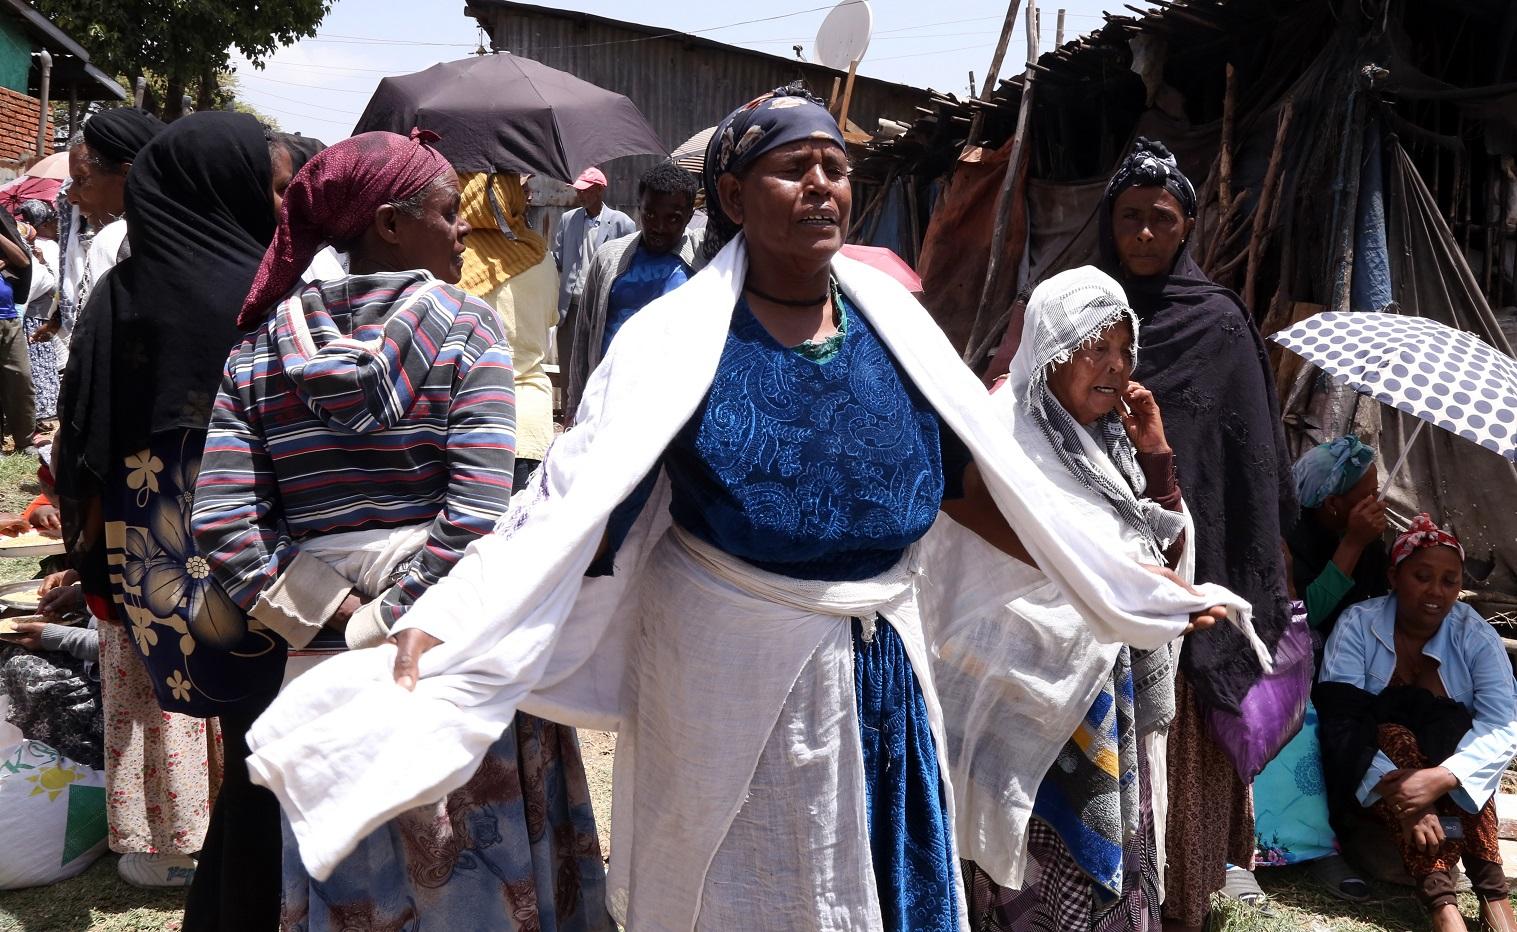 O desespero de uma mãe após o desabamento do lixão de lixão de Koshe, em Adis Abeba, capital da Etiópia. Foto Minasse Wondimu/Anadolu Agençy